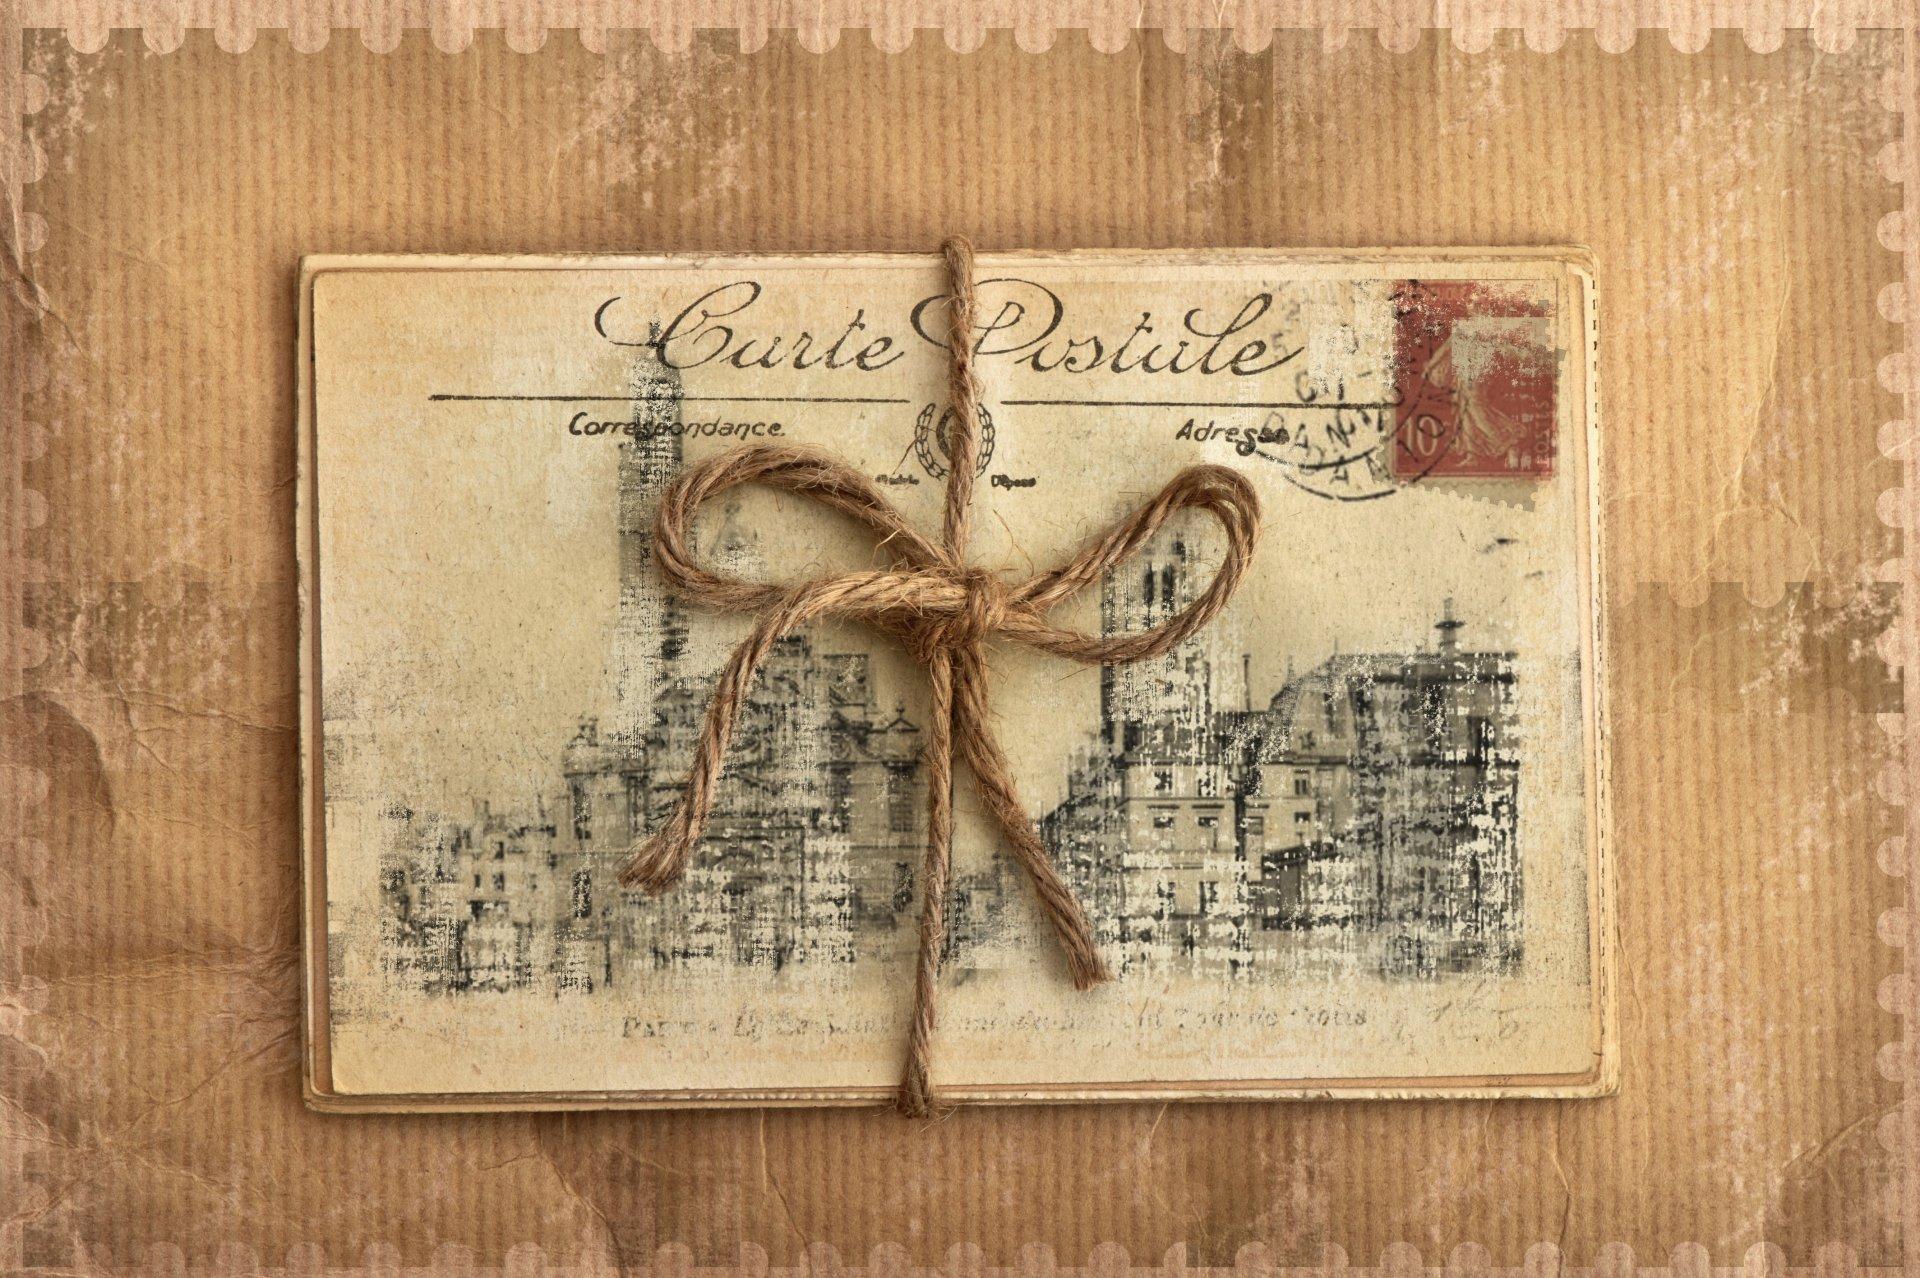 Открытка в старинном стиле, картинки именем настя